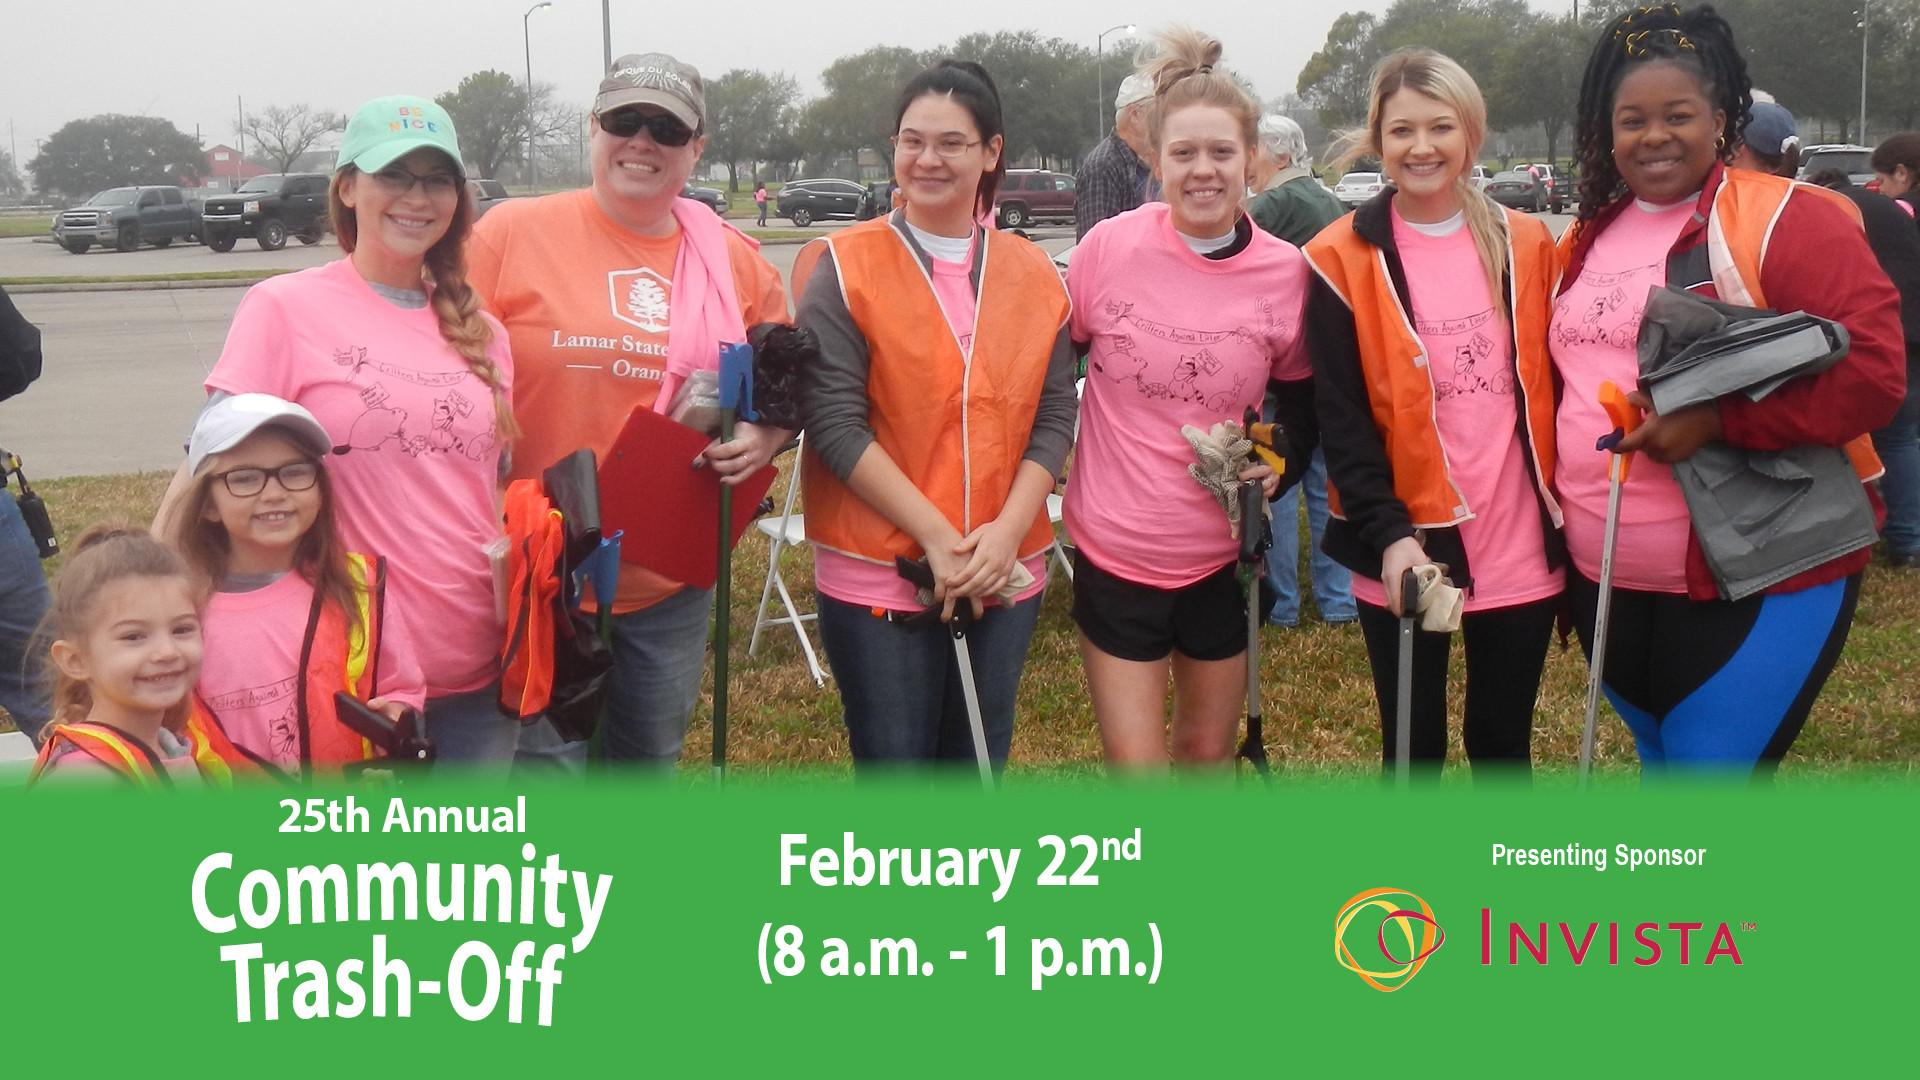 25th Annual Community Trash Off